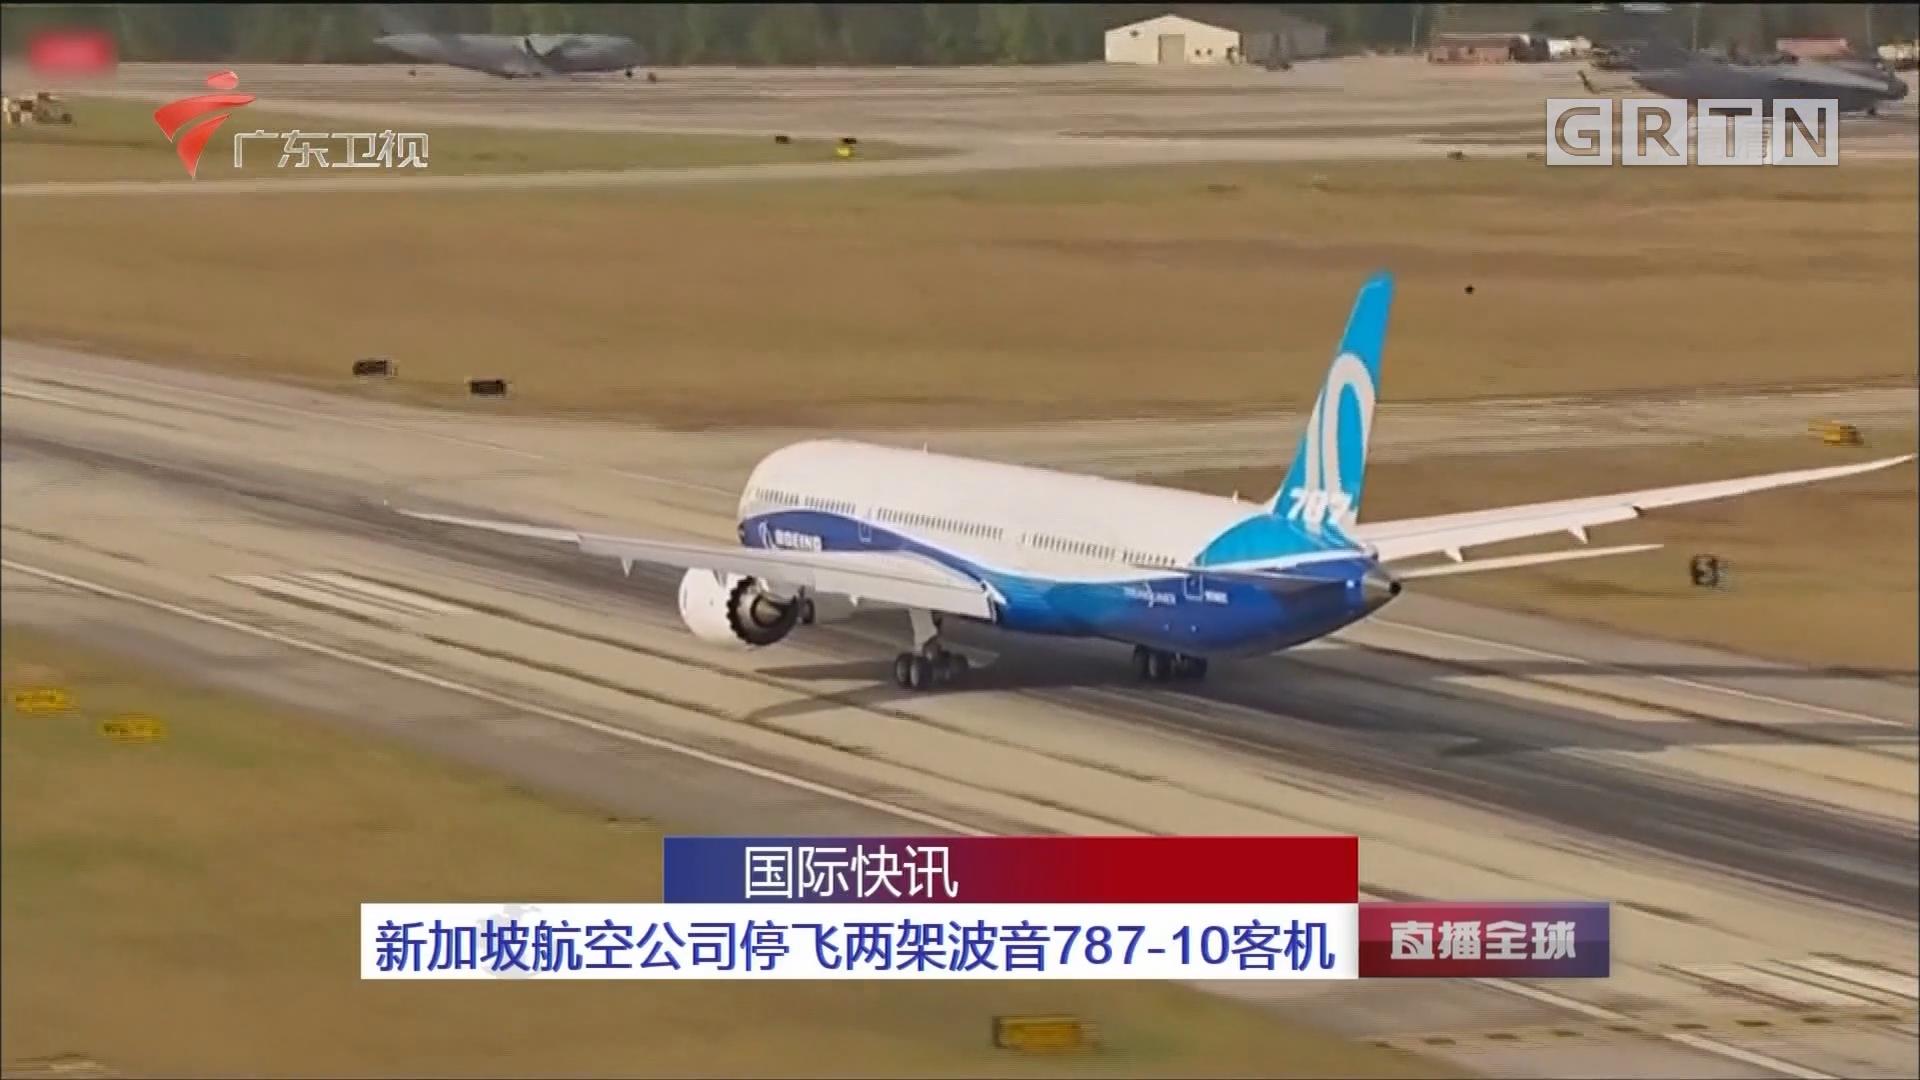 新加坡航空公司停飞两架波音787-10客机